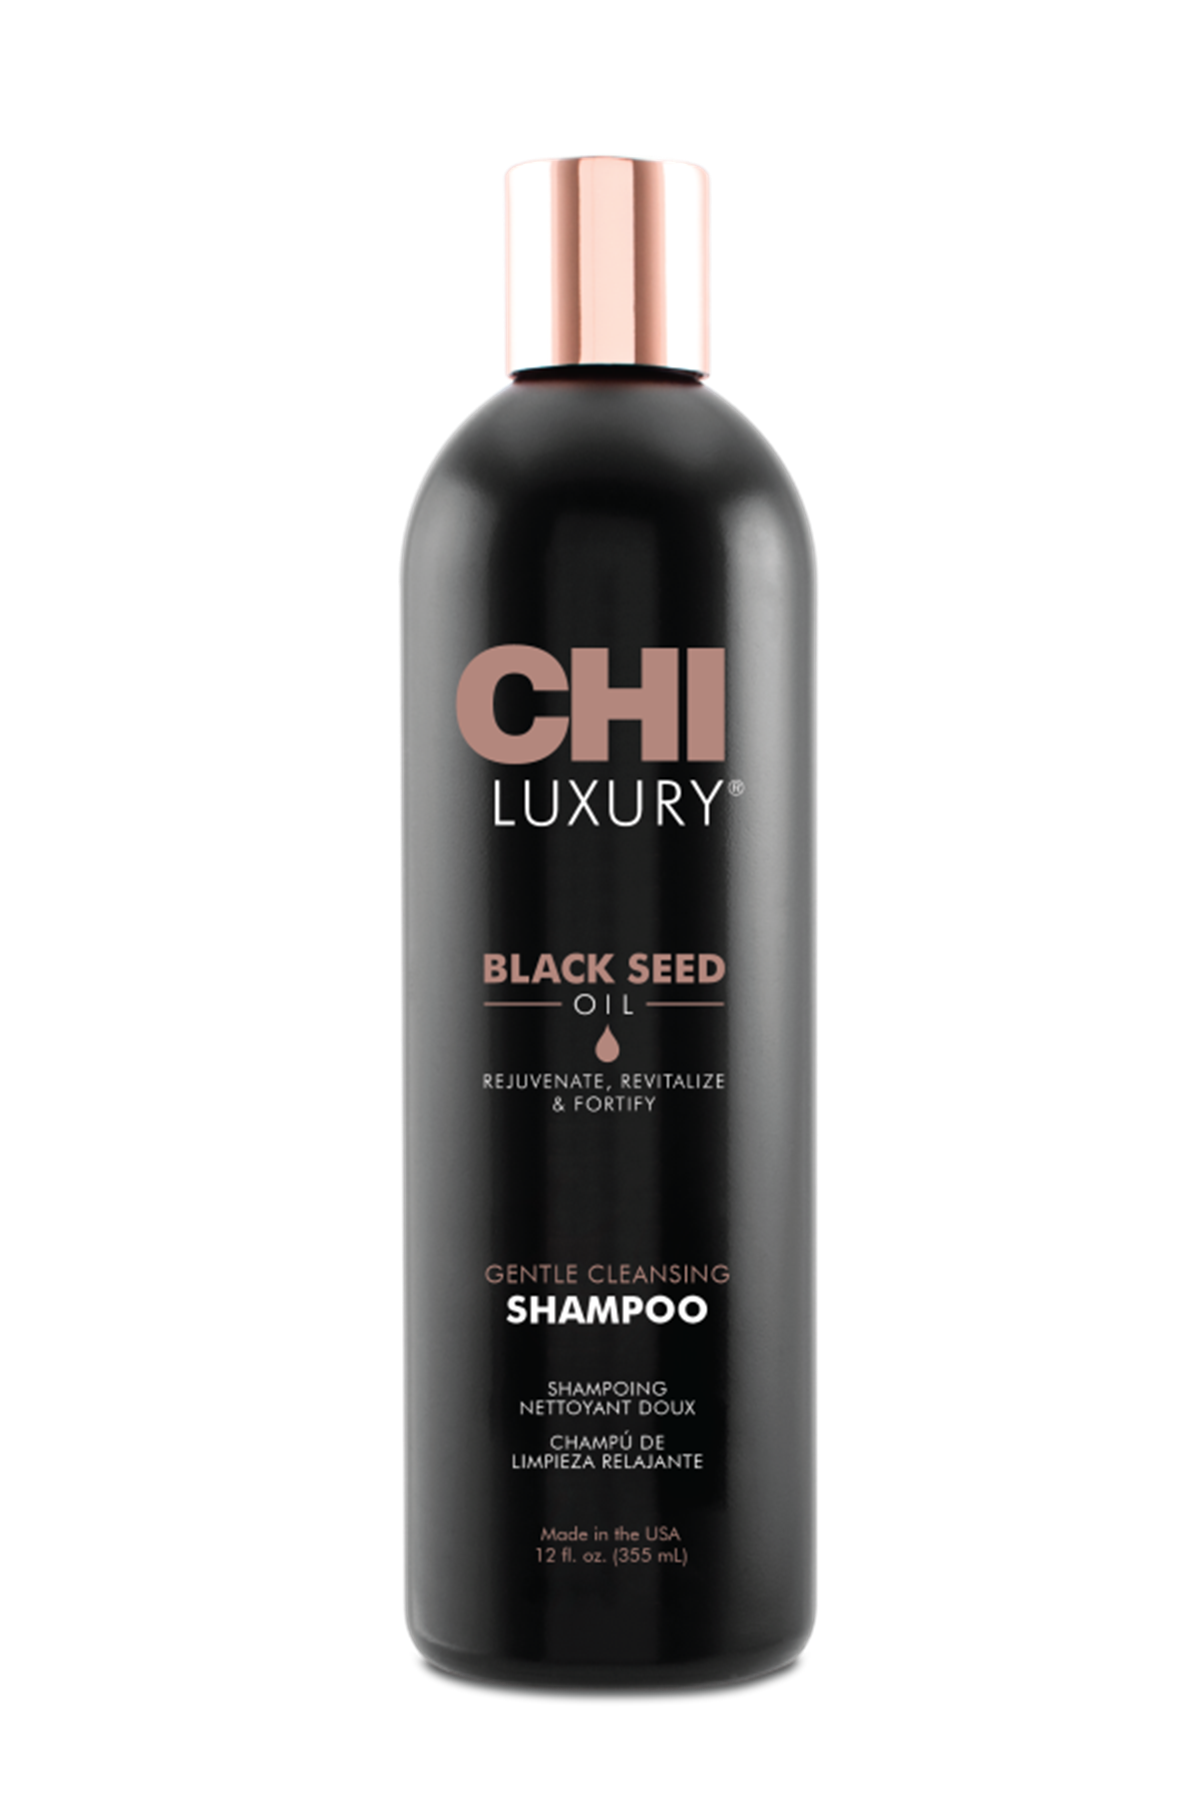 CHI Luxury Black Seed Oil Gentle Cleansing Şampuan 355ml